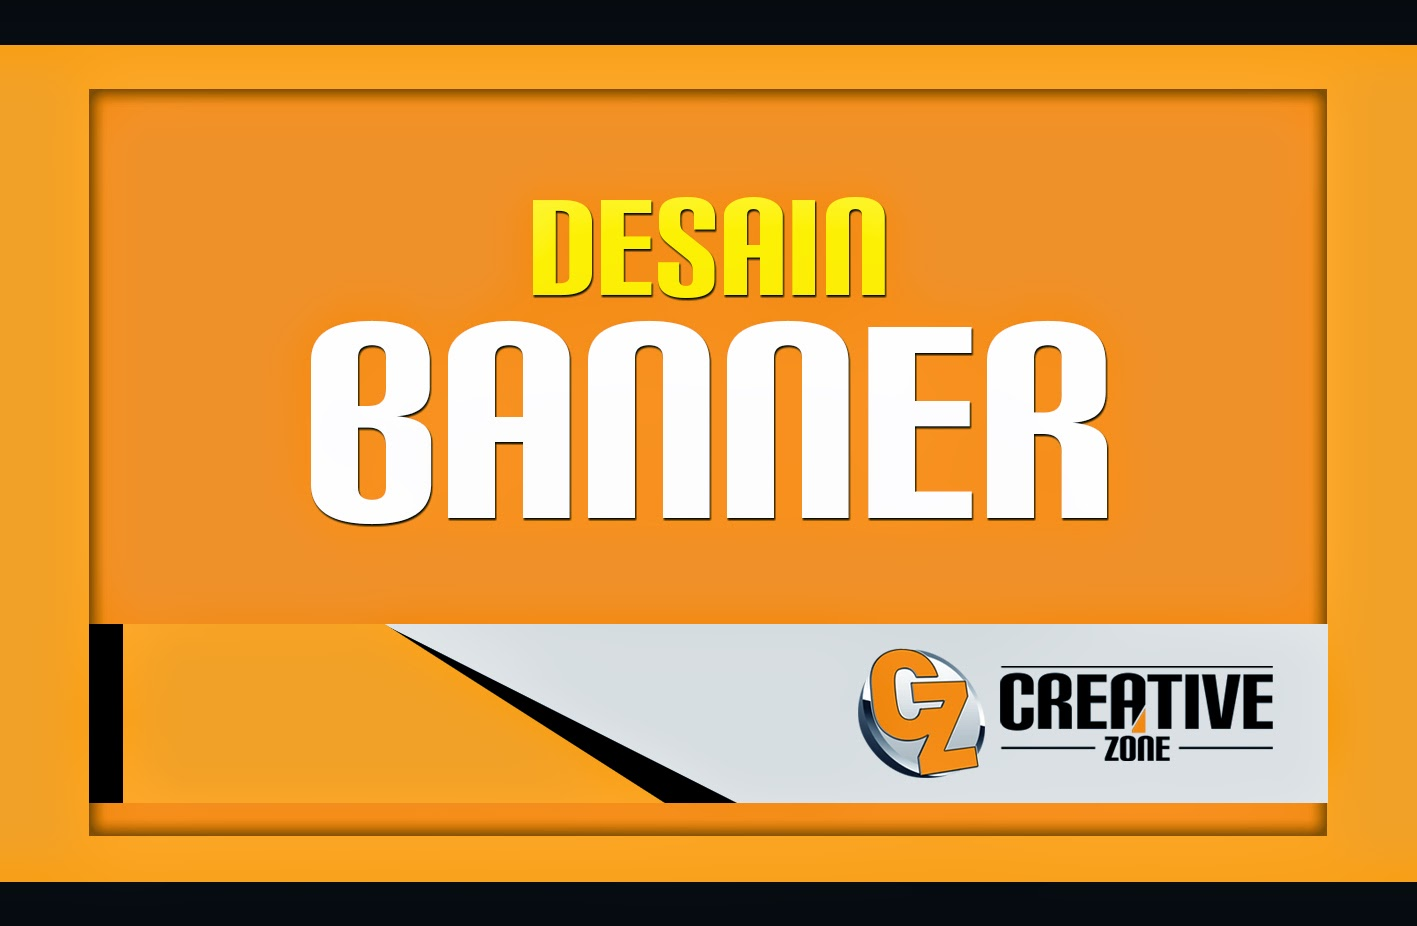 7 Contoh Desain Banner | Contoh Brosur, Contoh Spanduk ...